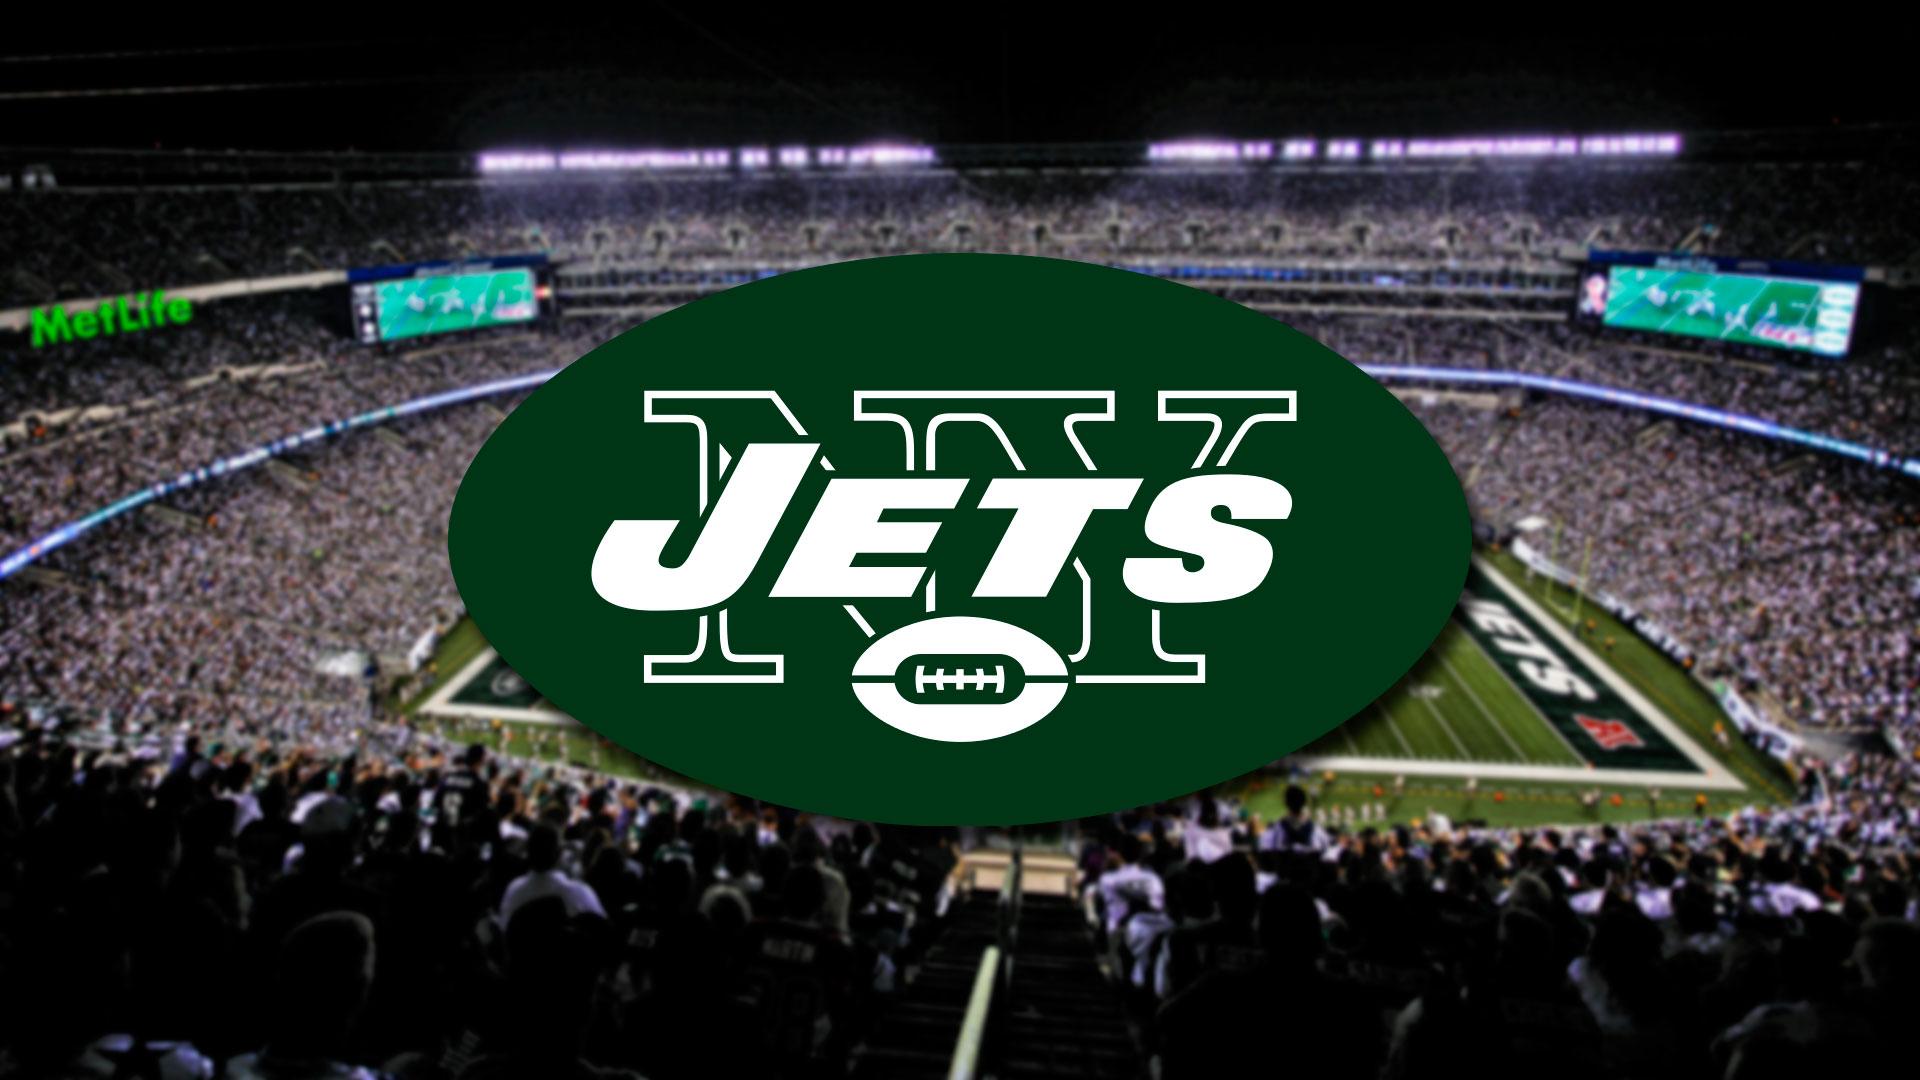 New-york-jets-040115-ftrjpg_7t3inqjw3ny11j36q29e01wxm